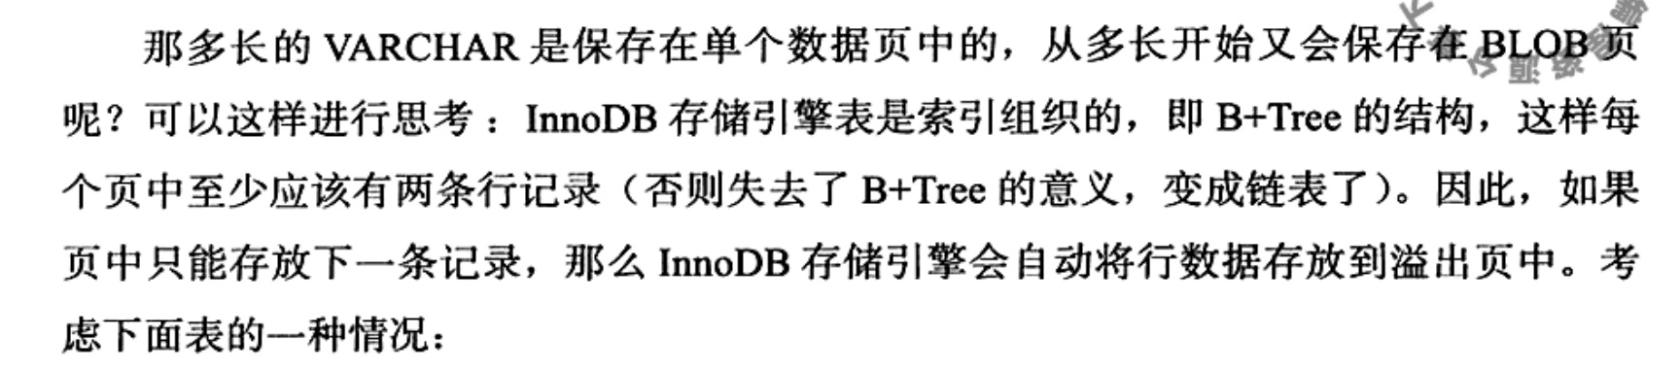 从内分析InnoDB,MySQL内部数据结构,Row 数据行,字符集和 char 的关系,行溢出